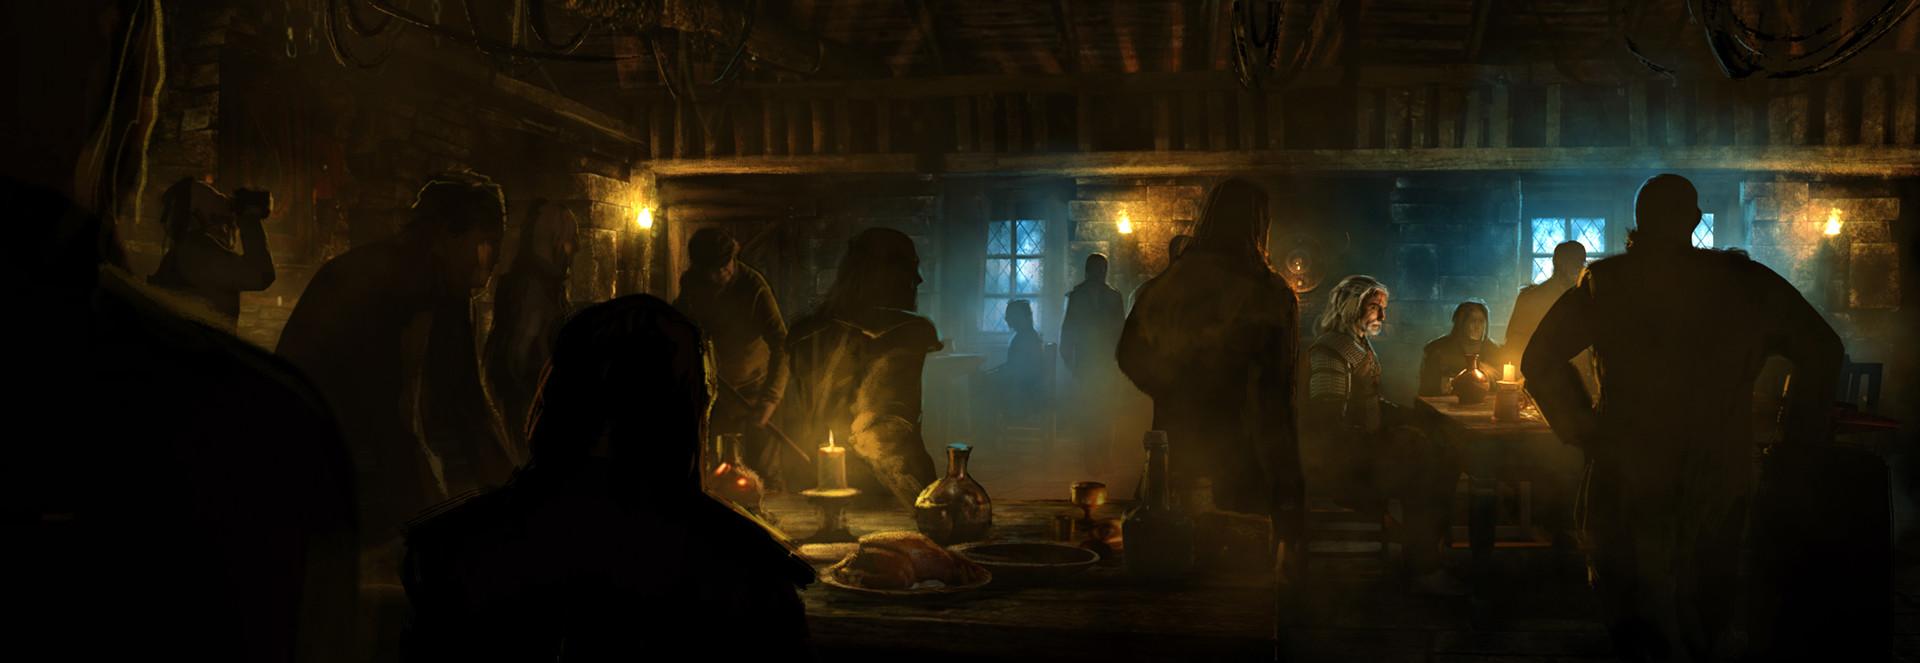 Eva kedves gwent tavern int mid v0103